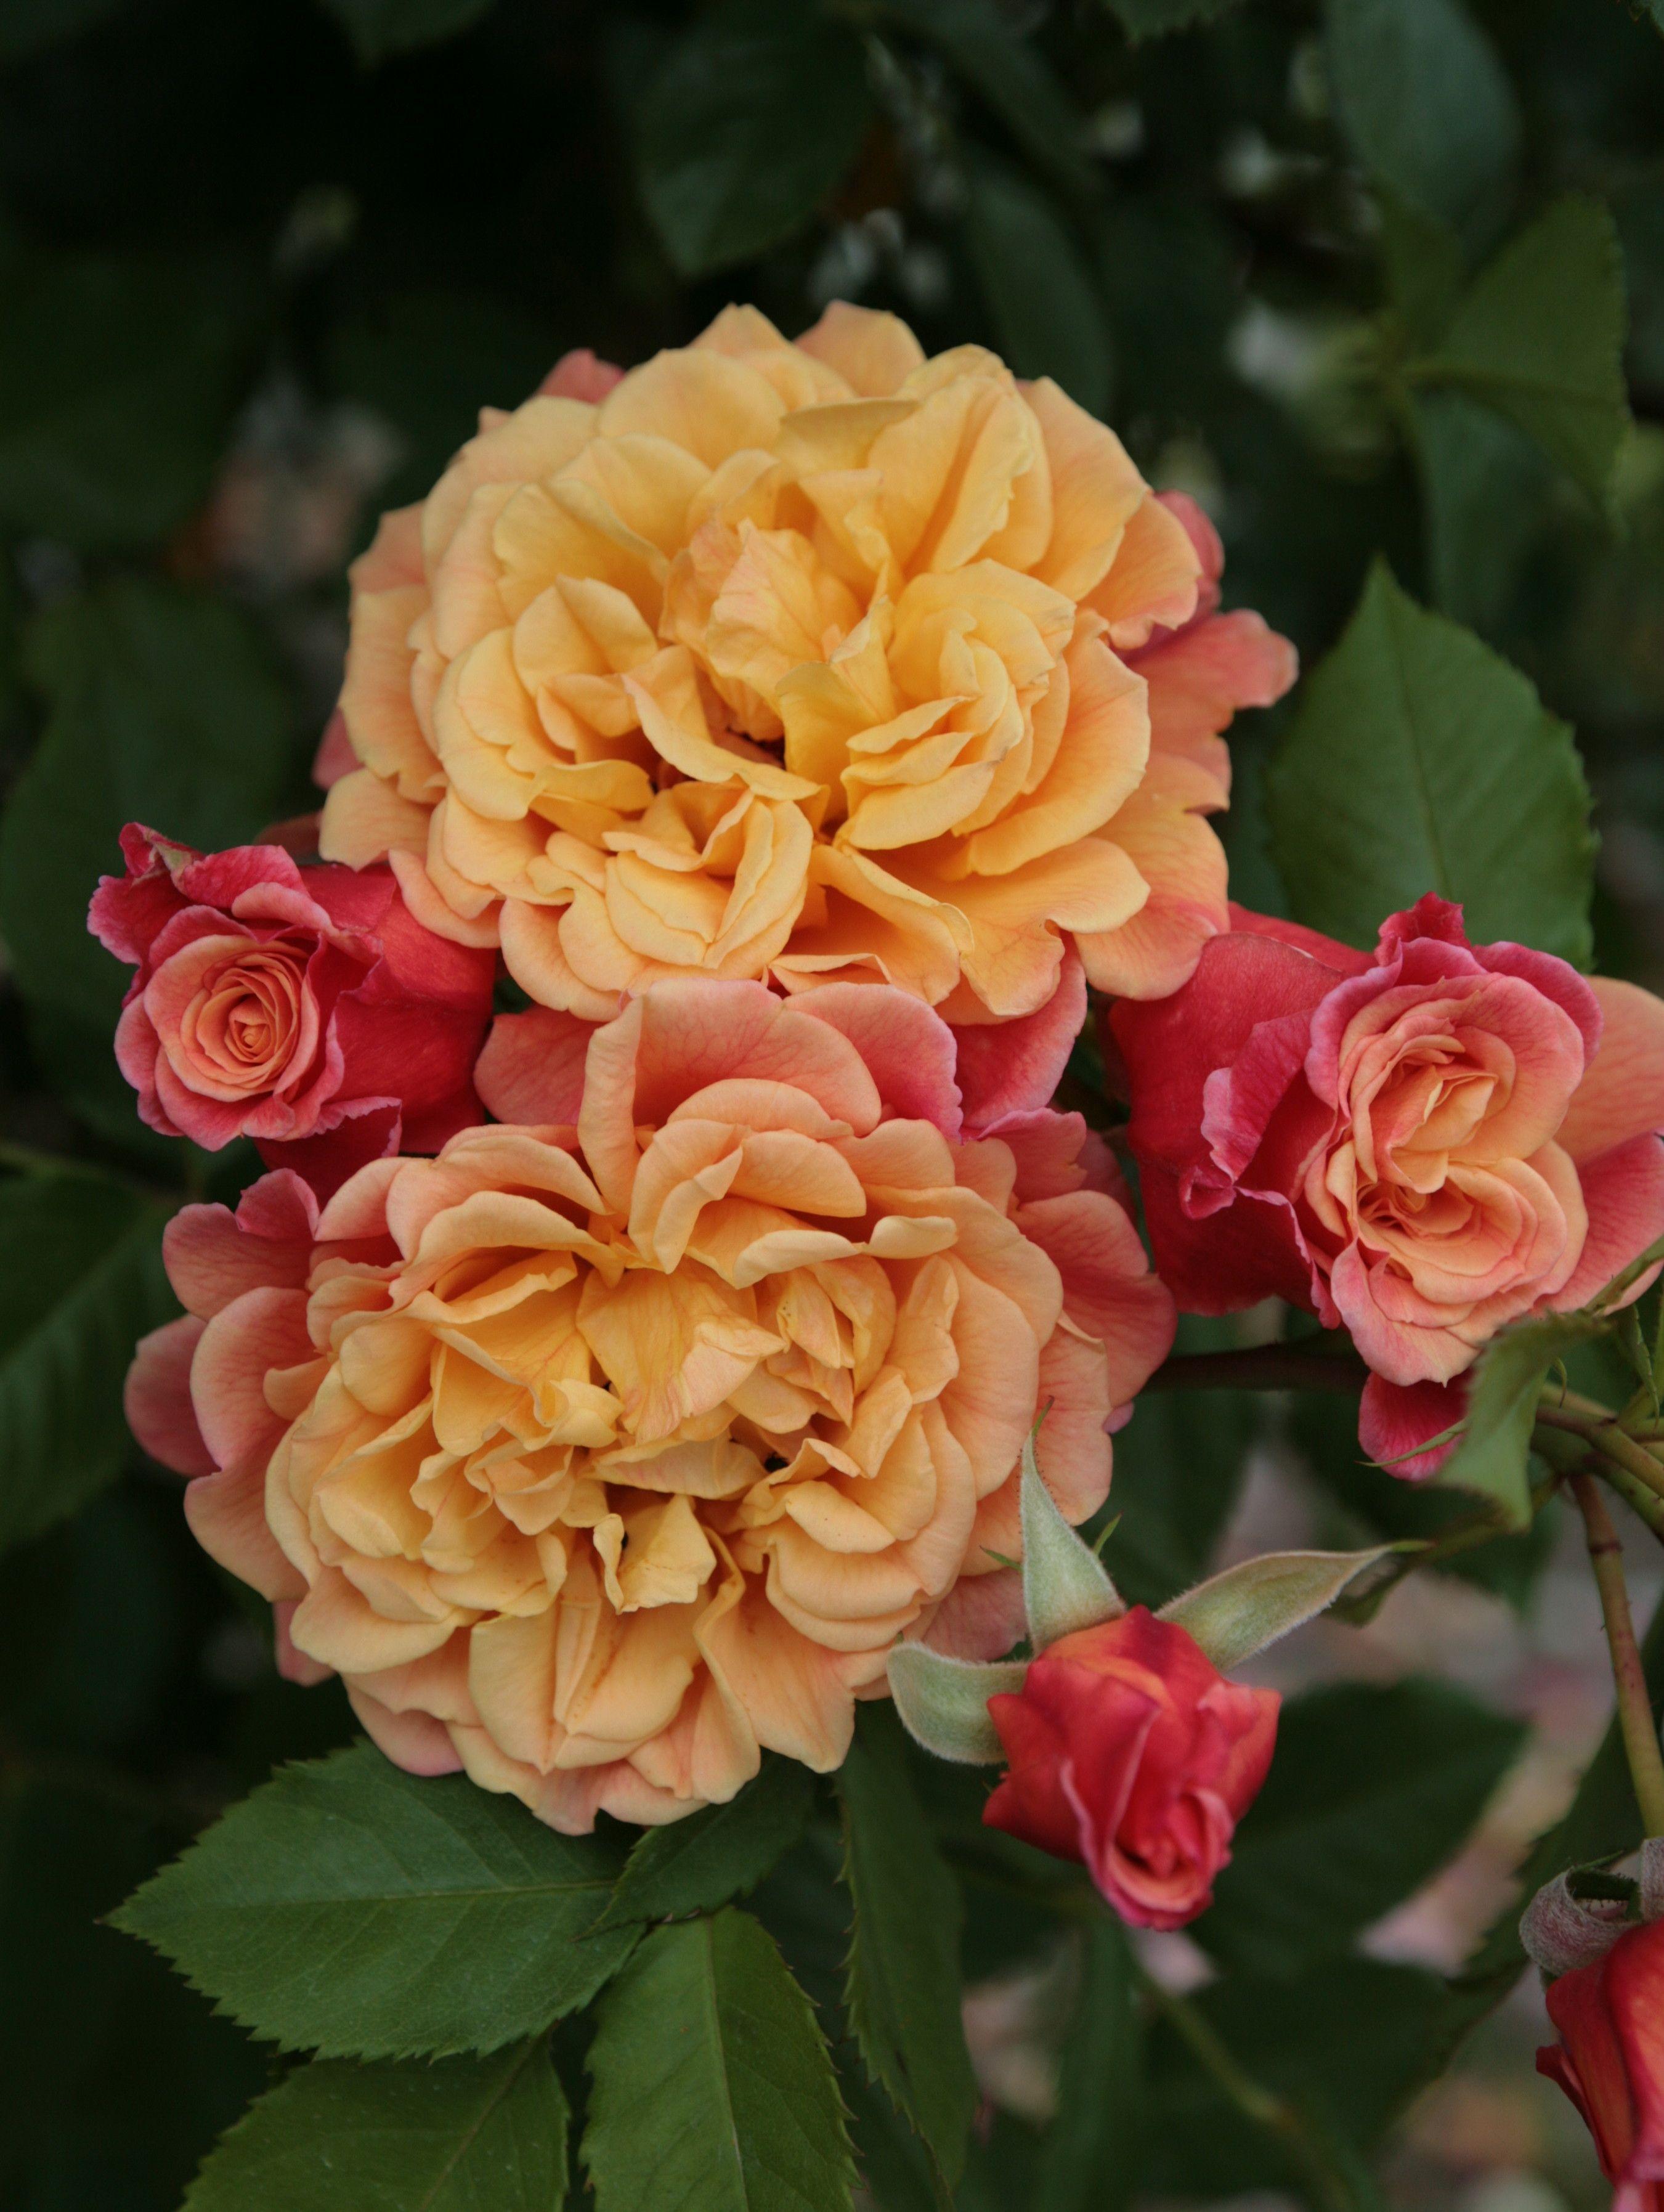 aloha kordes rose roses pinterest rose flowers and. Black Bedroom Furniture Sets. Home Design Ideas